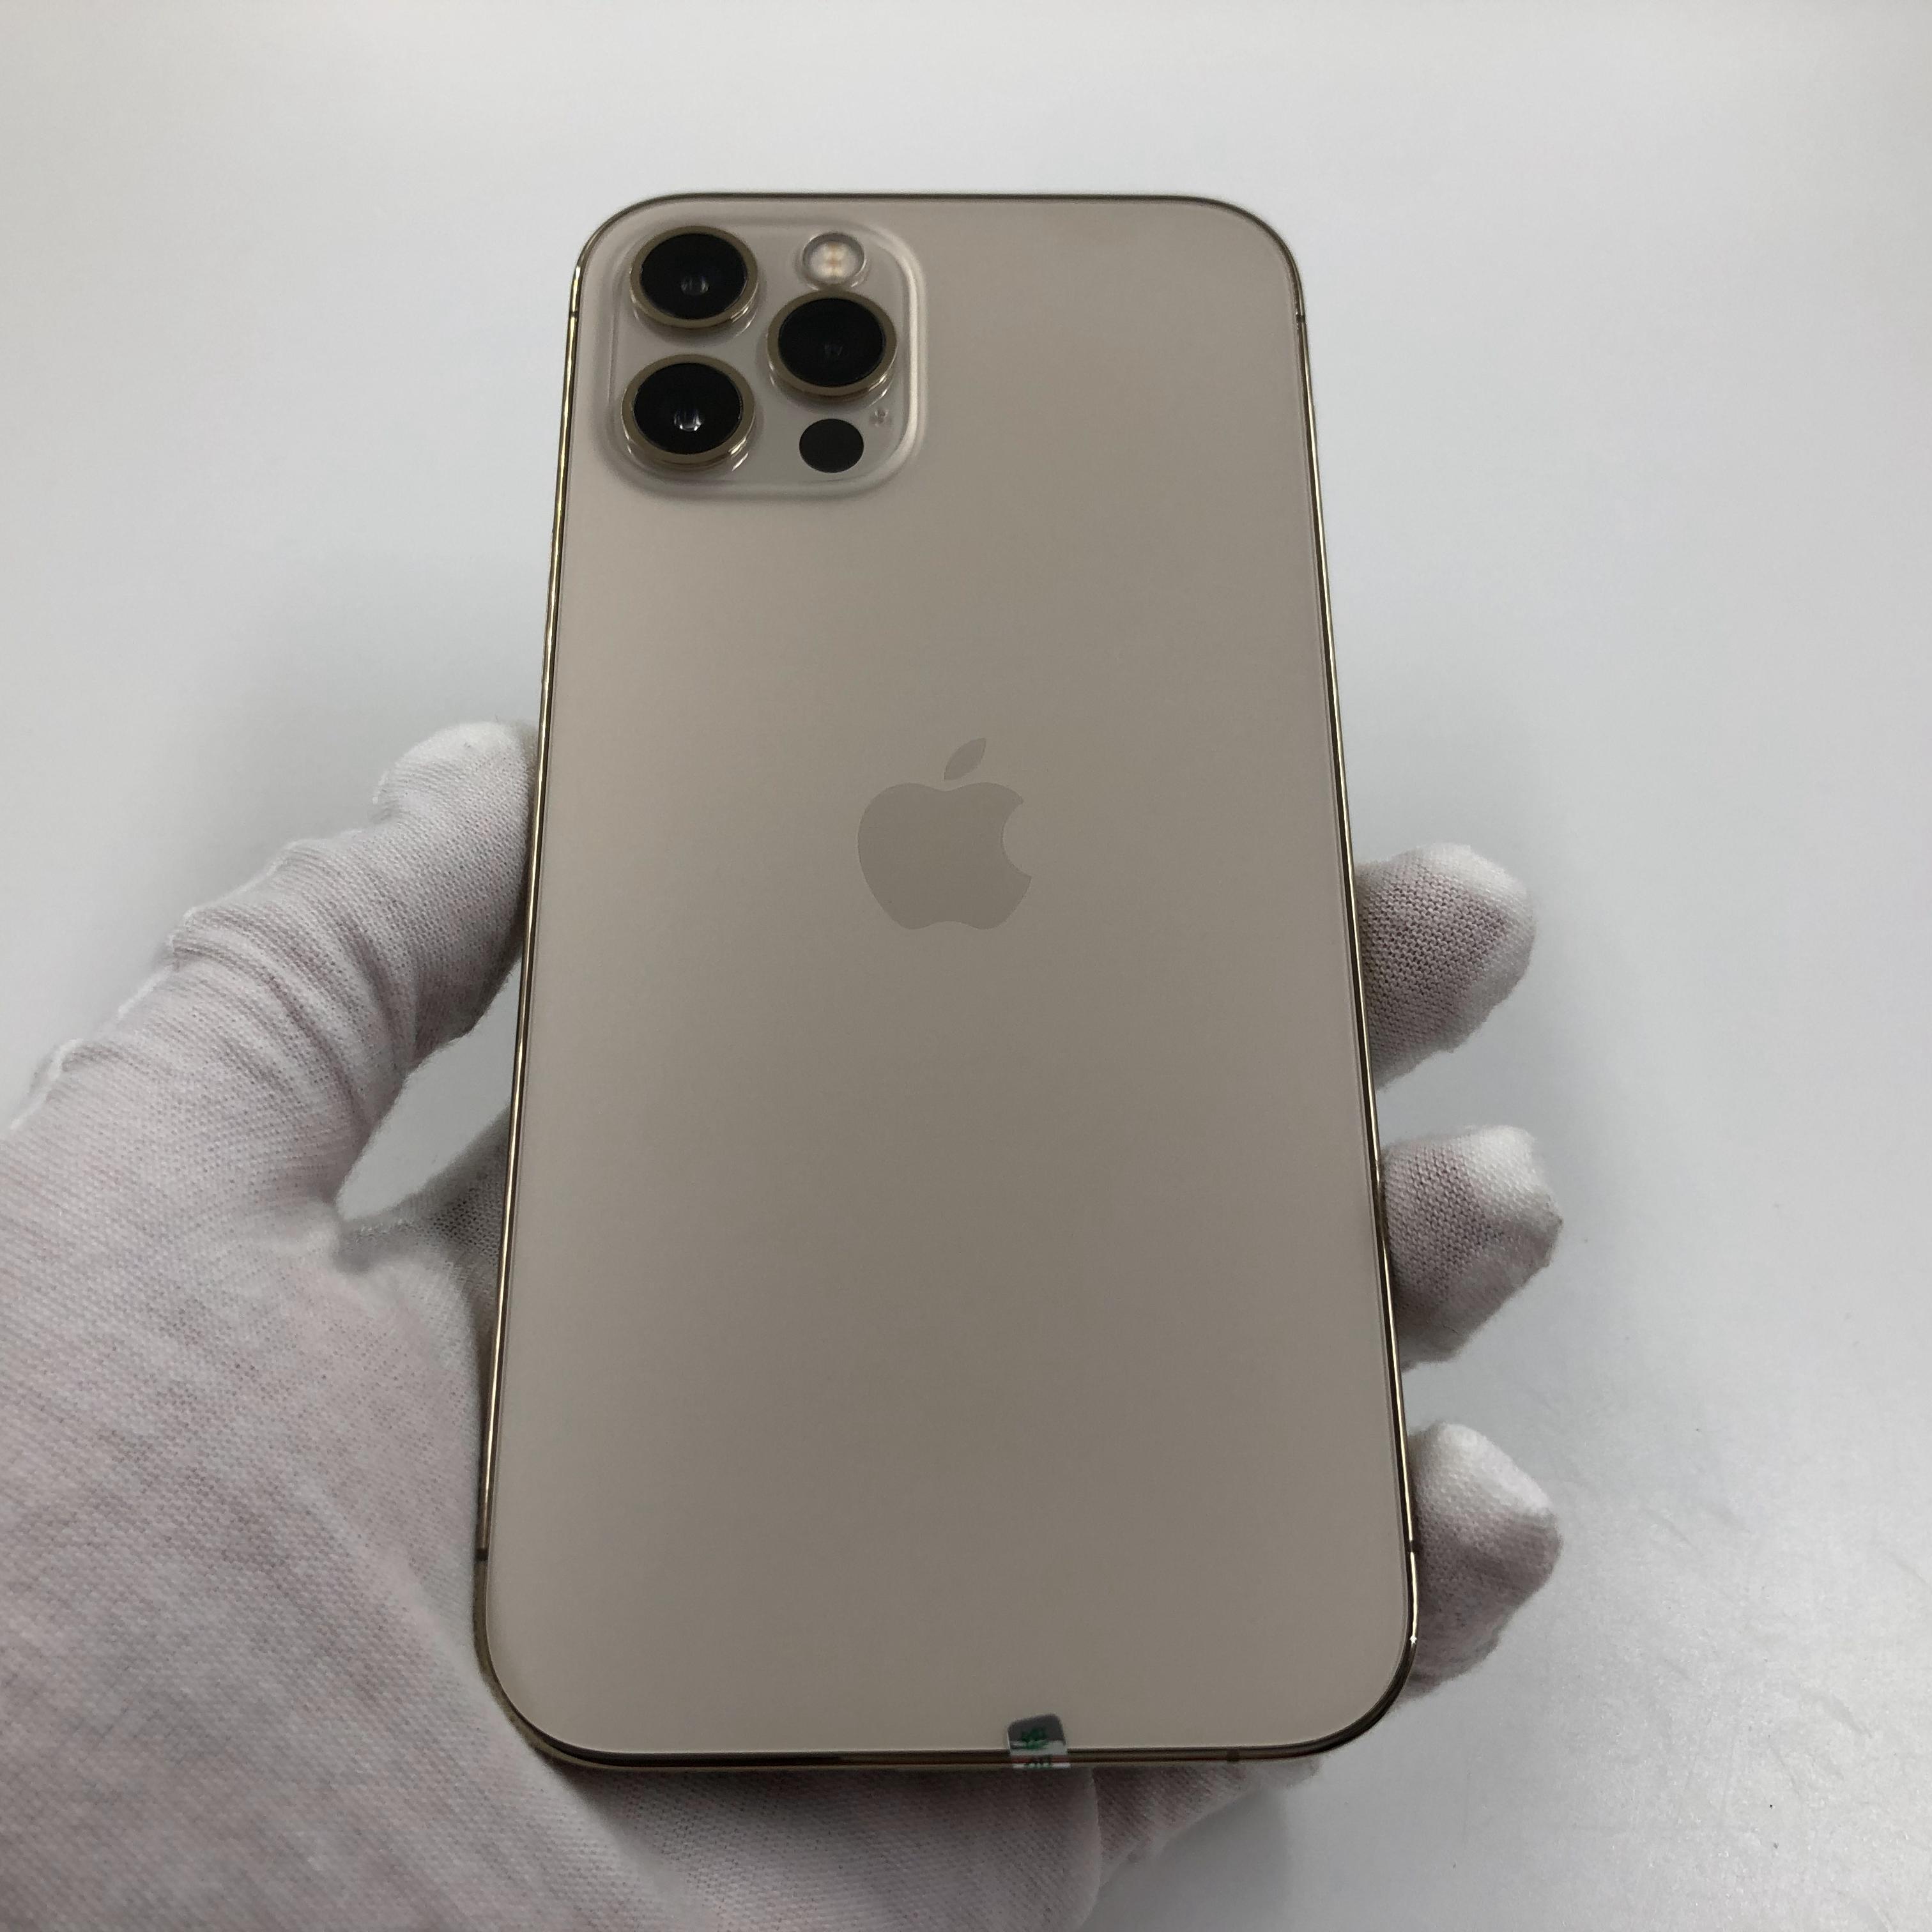 苹果【iPhone 12 Pro】5G全网通 金色 256G 国行 95新 真机实拍官保2022-04-15